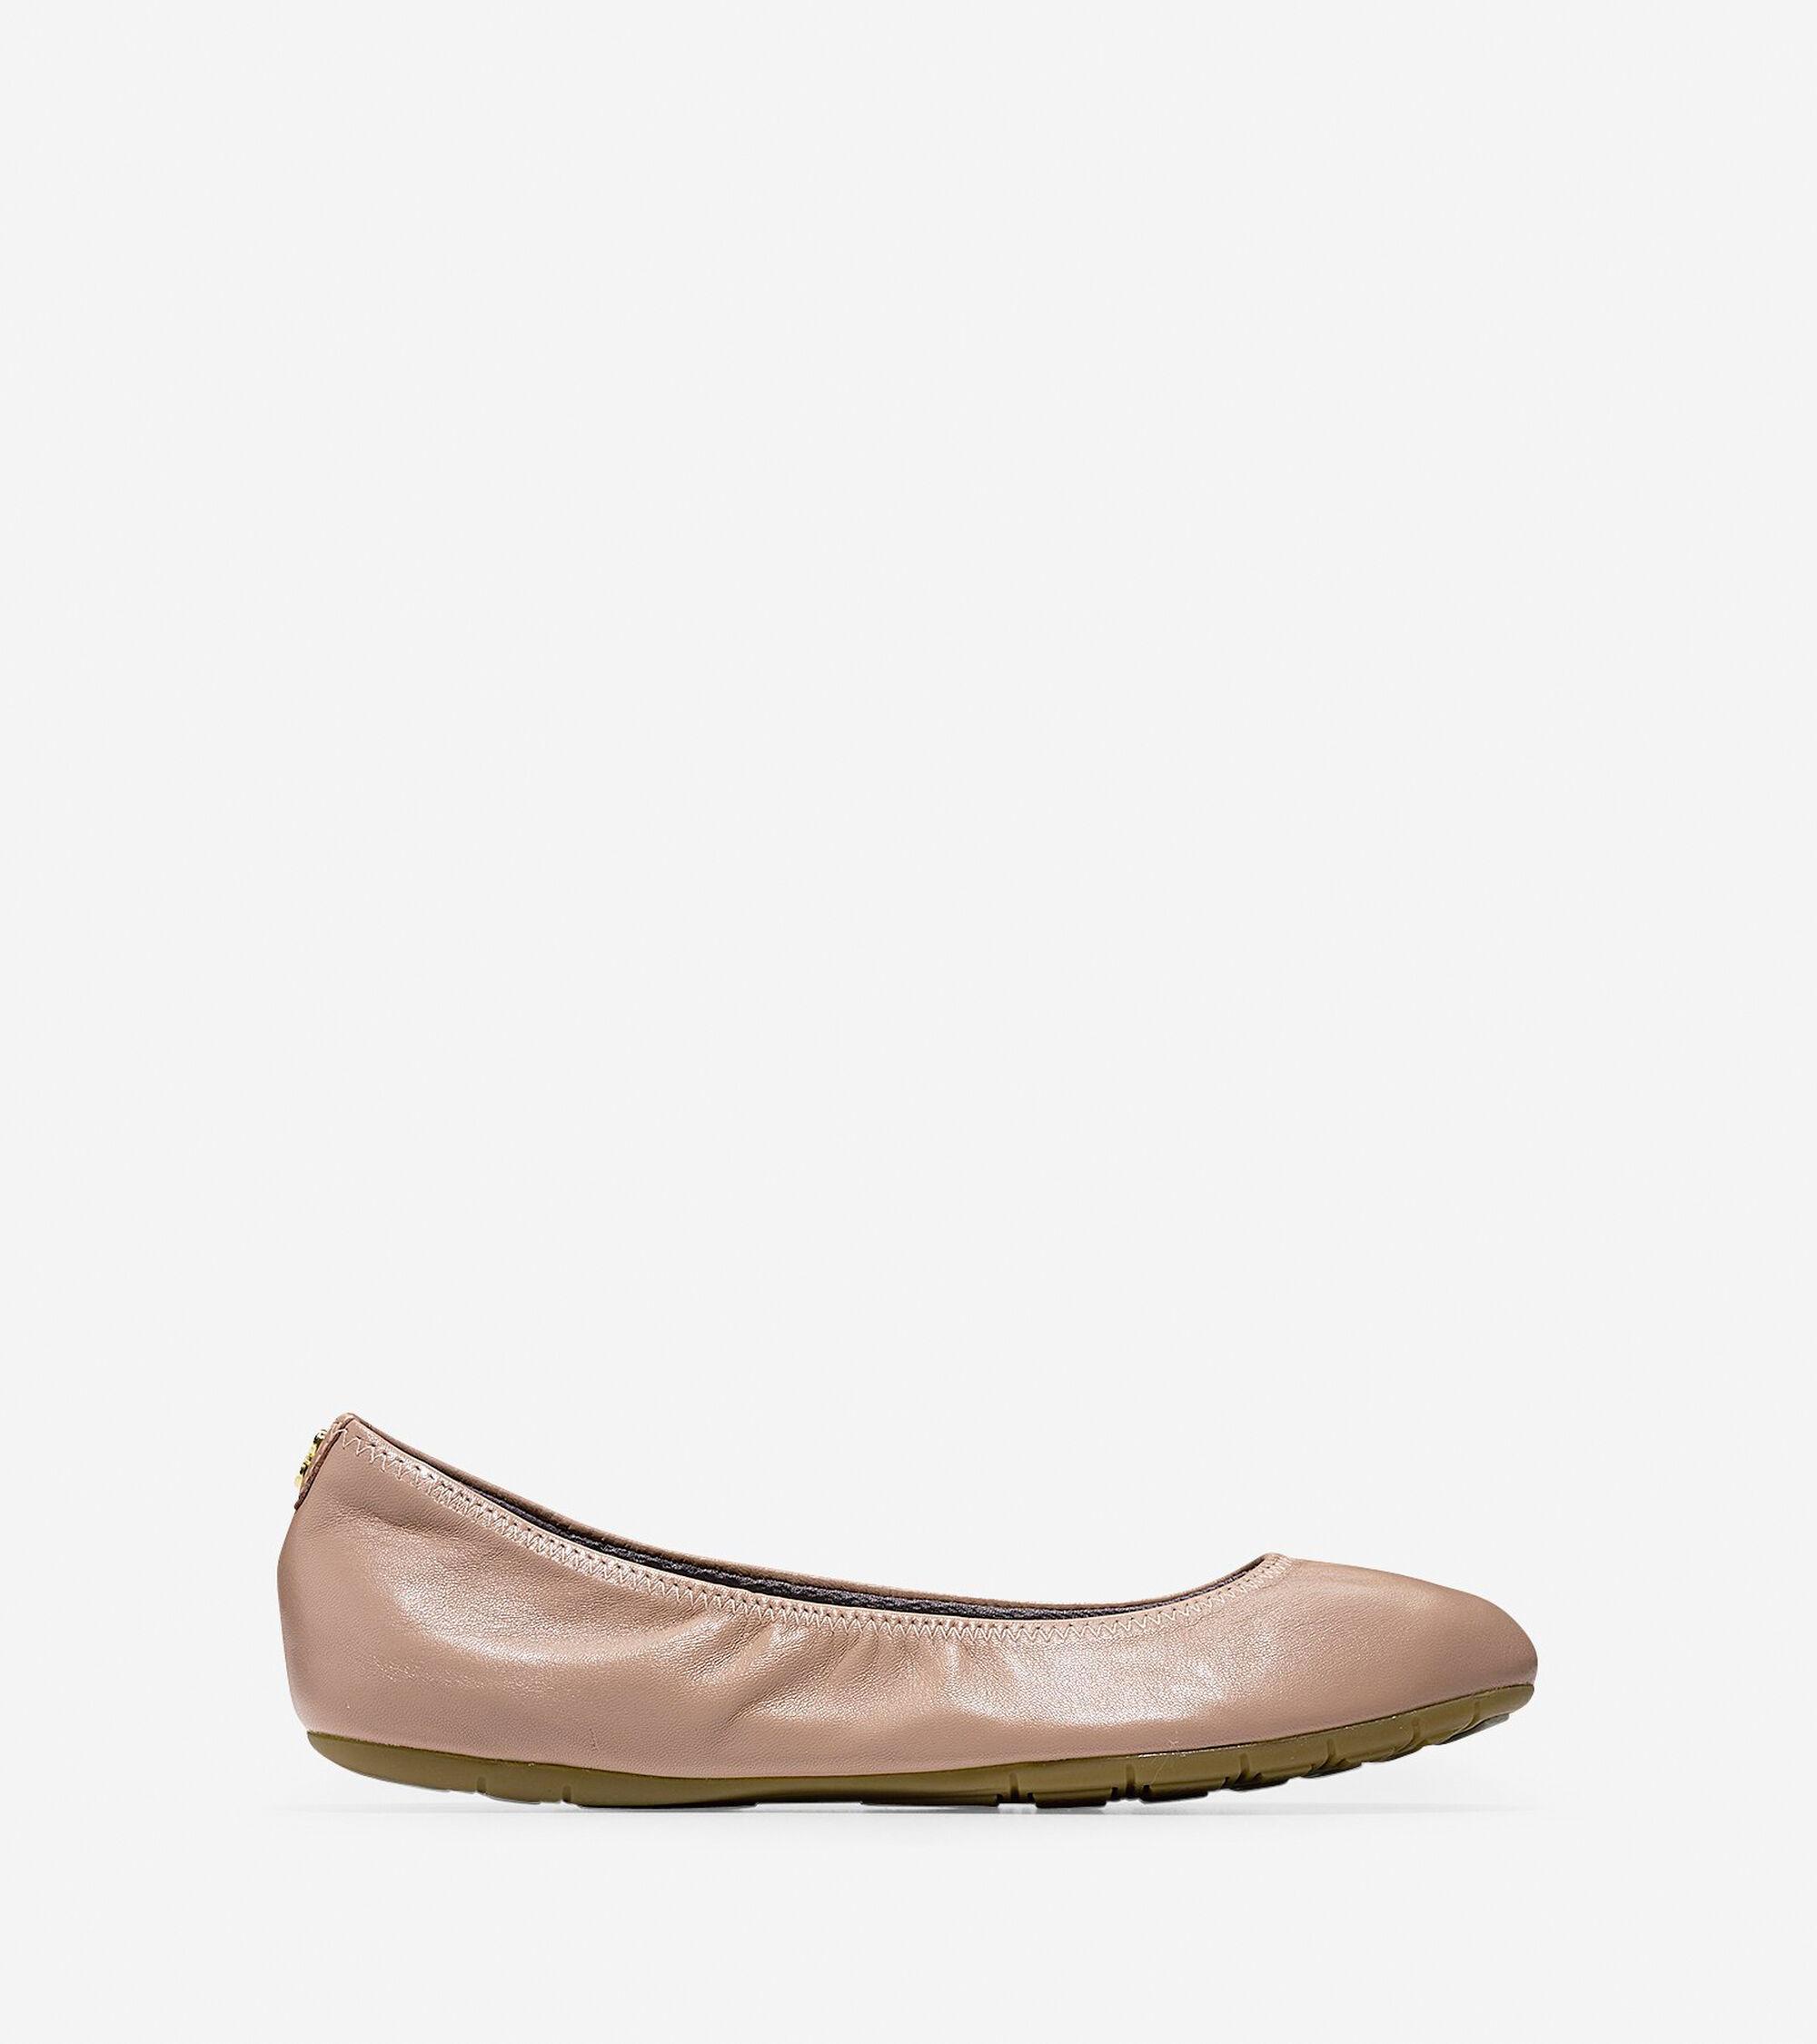 Ballet Flats > ZERØGRAND Stagedoor Stud Ballet